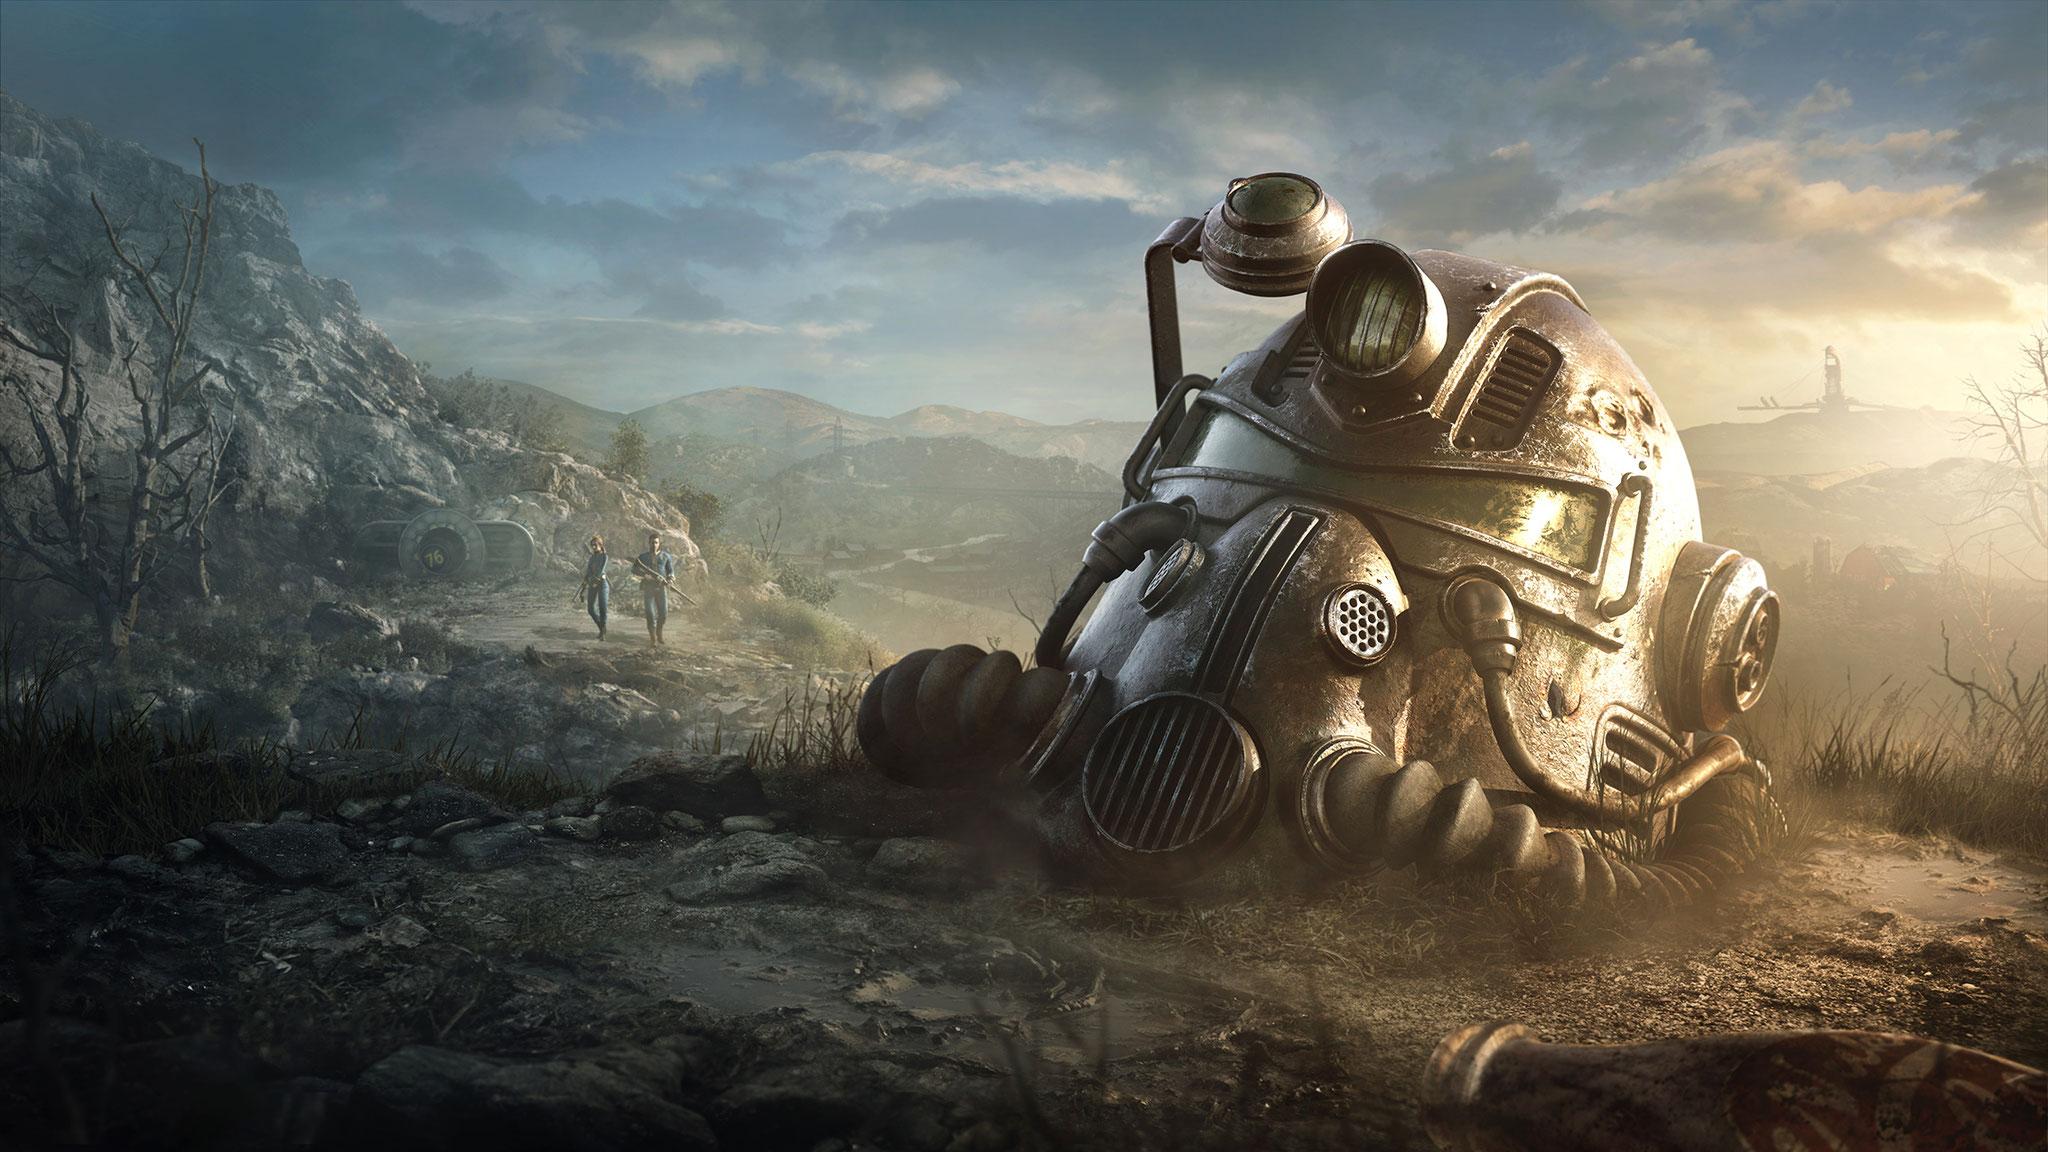 """In """"Fallout 76"""" ziehen Spieler gemeinsam oder gegeneinander durch ein von nuklearem Feuer erschaffenes Ödland. Die Landschaft..."""